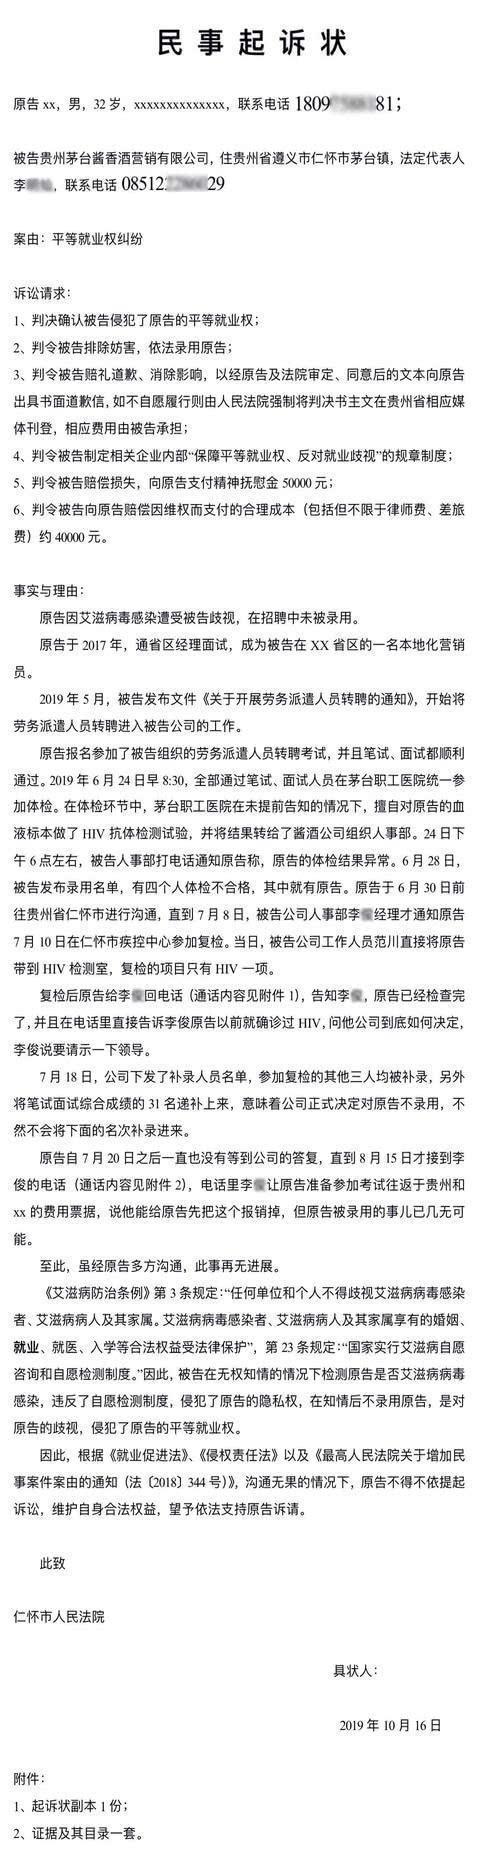 合乐888彩票注册优势_《中餐厅3》迎接巨变 王俊凯走了黄晓明变了